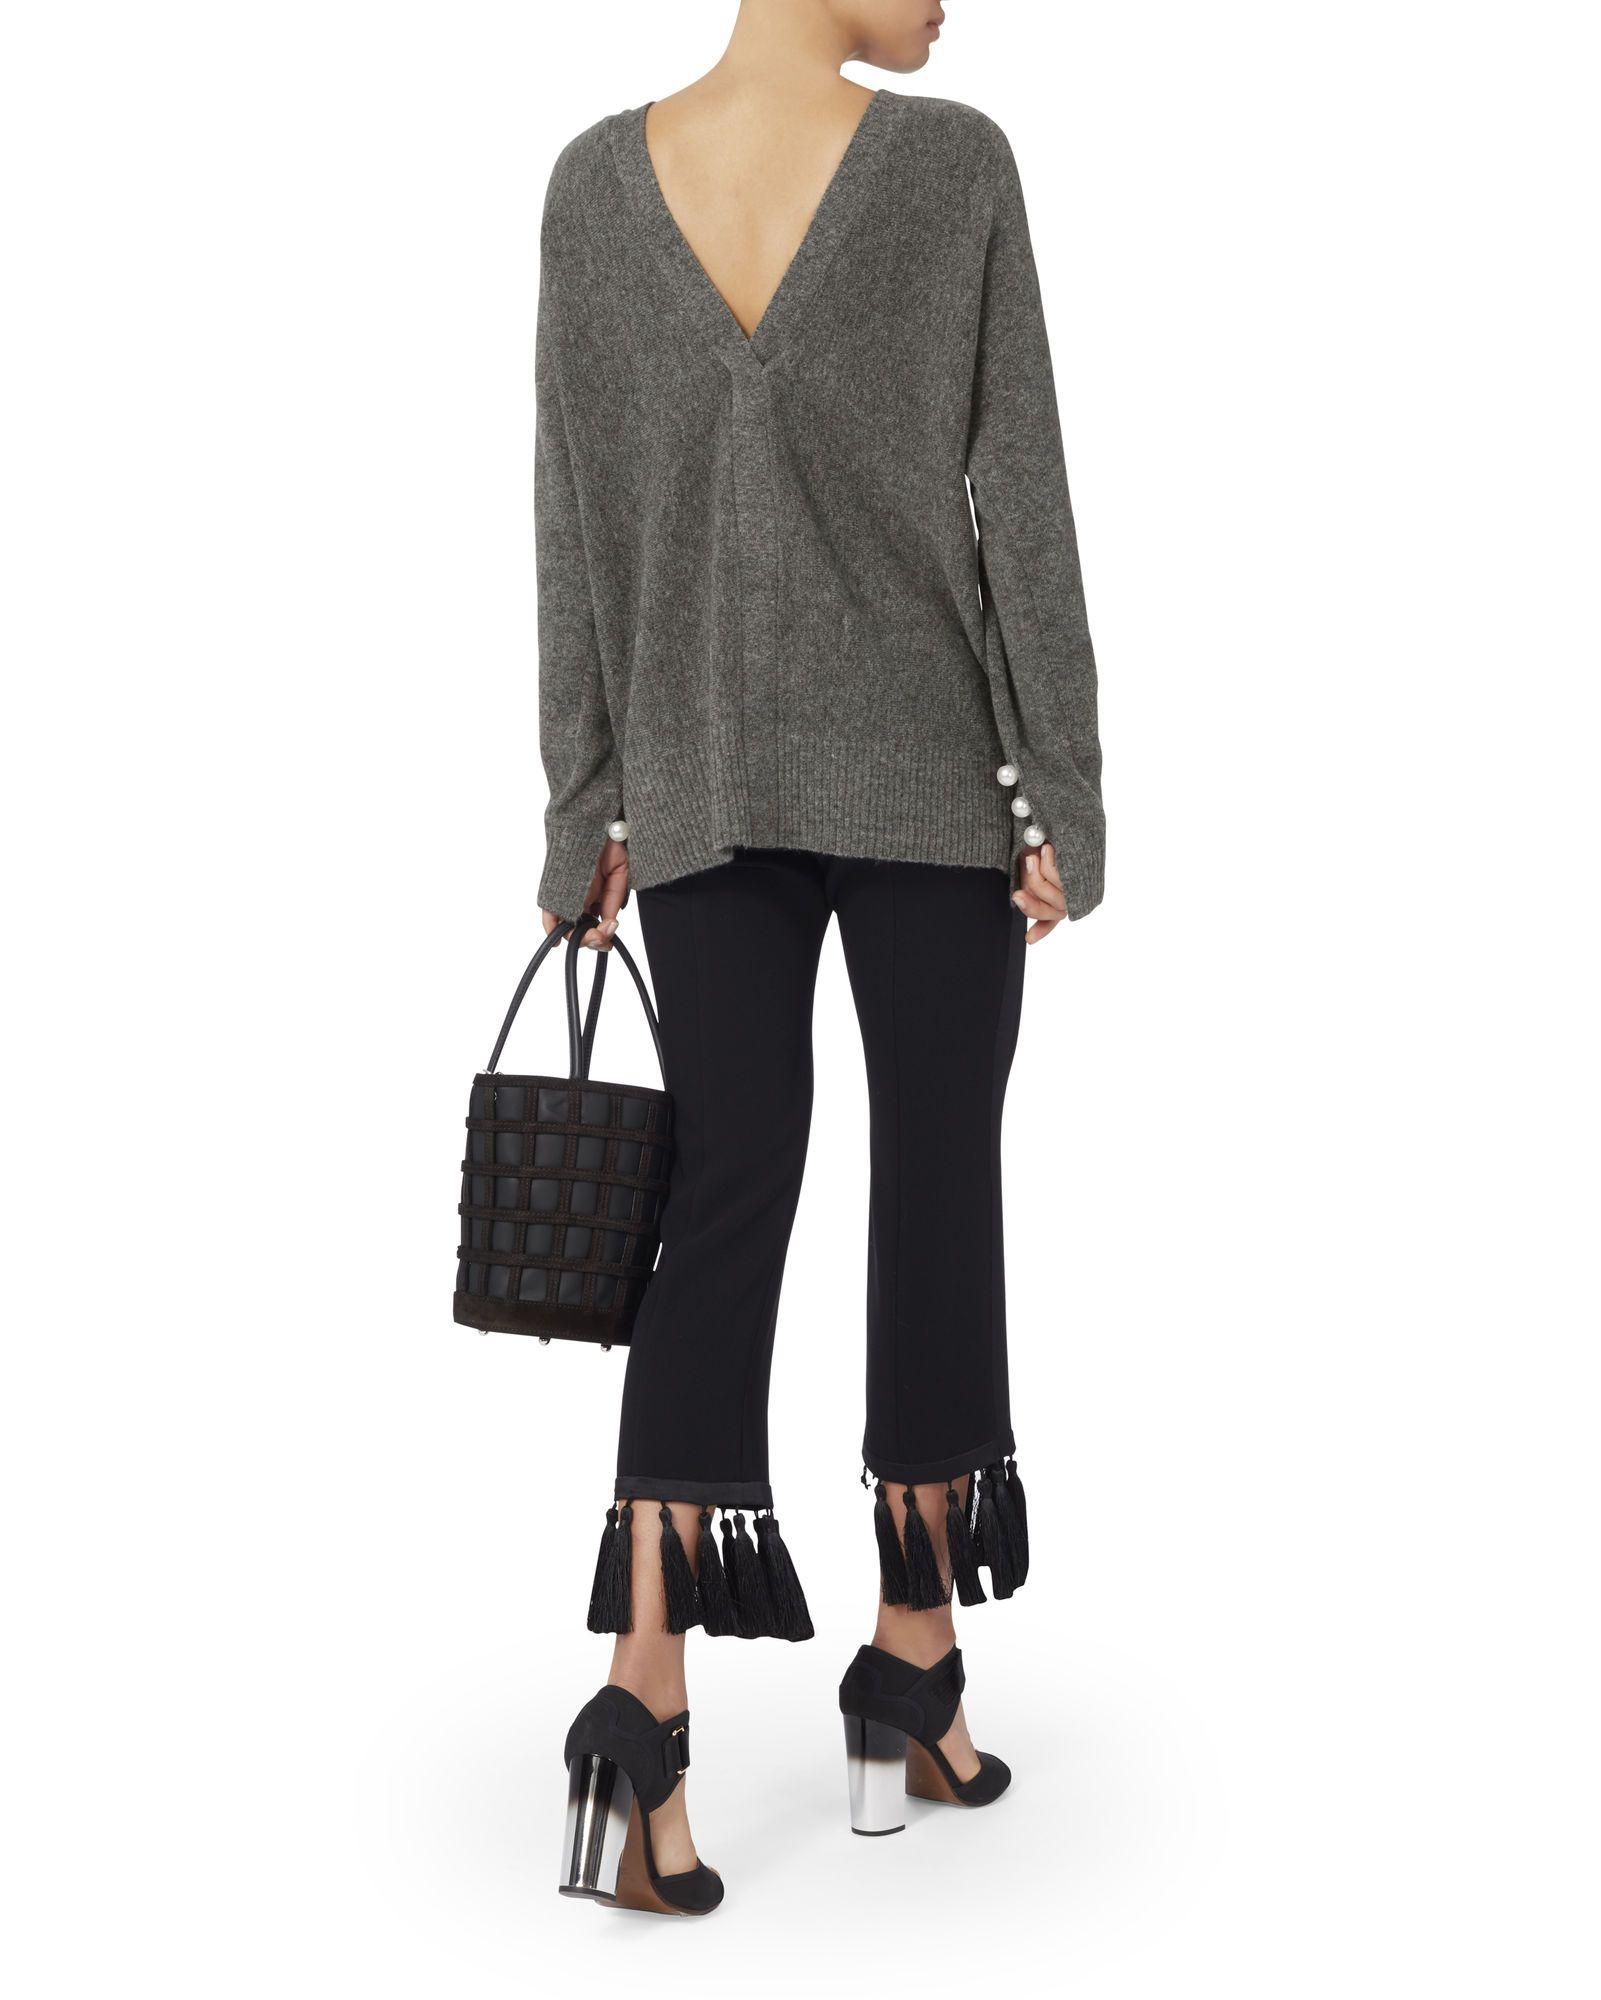 Pearl Embellished V-Back Sweater, GREY, hi-res. 3.1 Phillip Lim